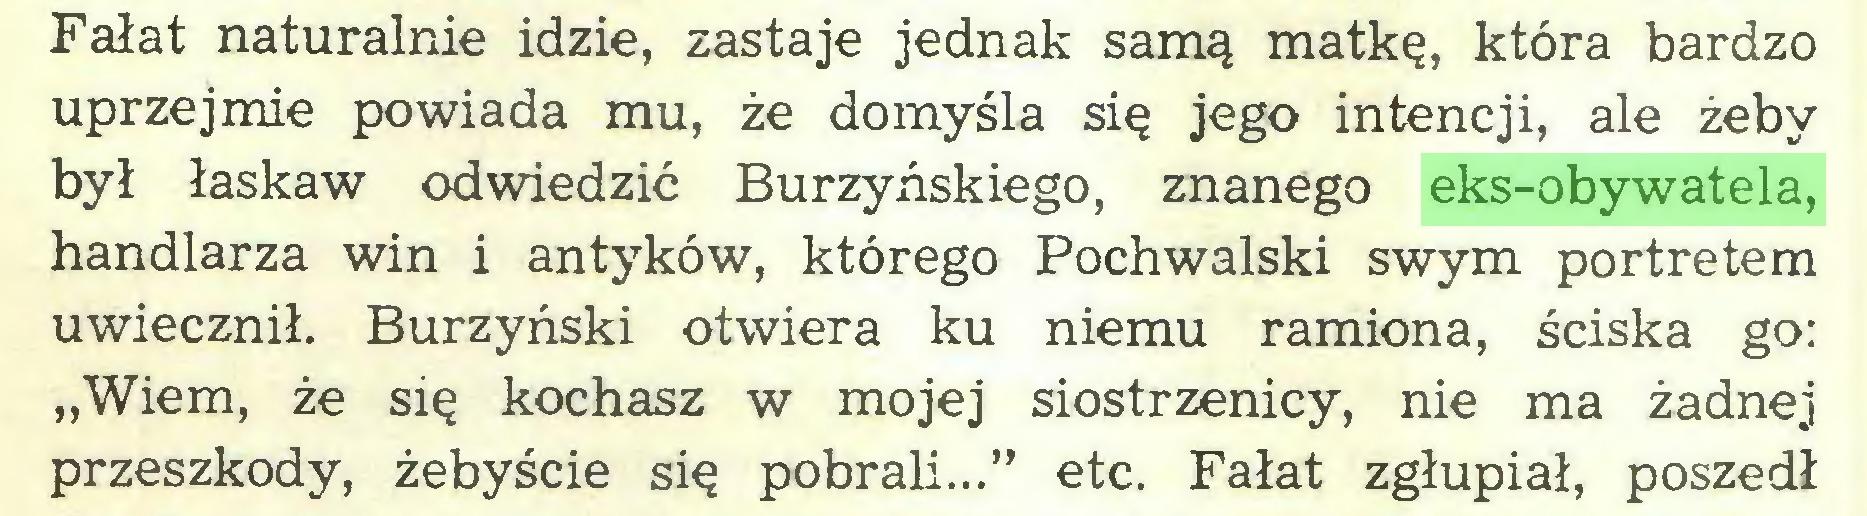 """(...) Fałat naturalnie idzie, zastaje jednak samą matkę, która bardzo uprzejmie powiada mu, że domyśla się jego intencji, ale żeby był łaskaw odwiedzić Burzyńskiego, znanego eks-obywatela, handlarza win i antyków, którego Pochwalski swym portretem uwiecznił. Burzyński otwiera ku niemu ramiona, ściska go: """"Wiem, że się kochasz w mojej siostrzenicy, nie ma żadnej przeszkody, żebyście się pobrali..."""" etc. Fałat zgłupiał, poszedł..."""